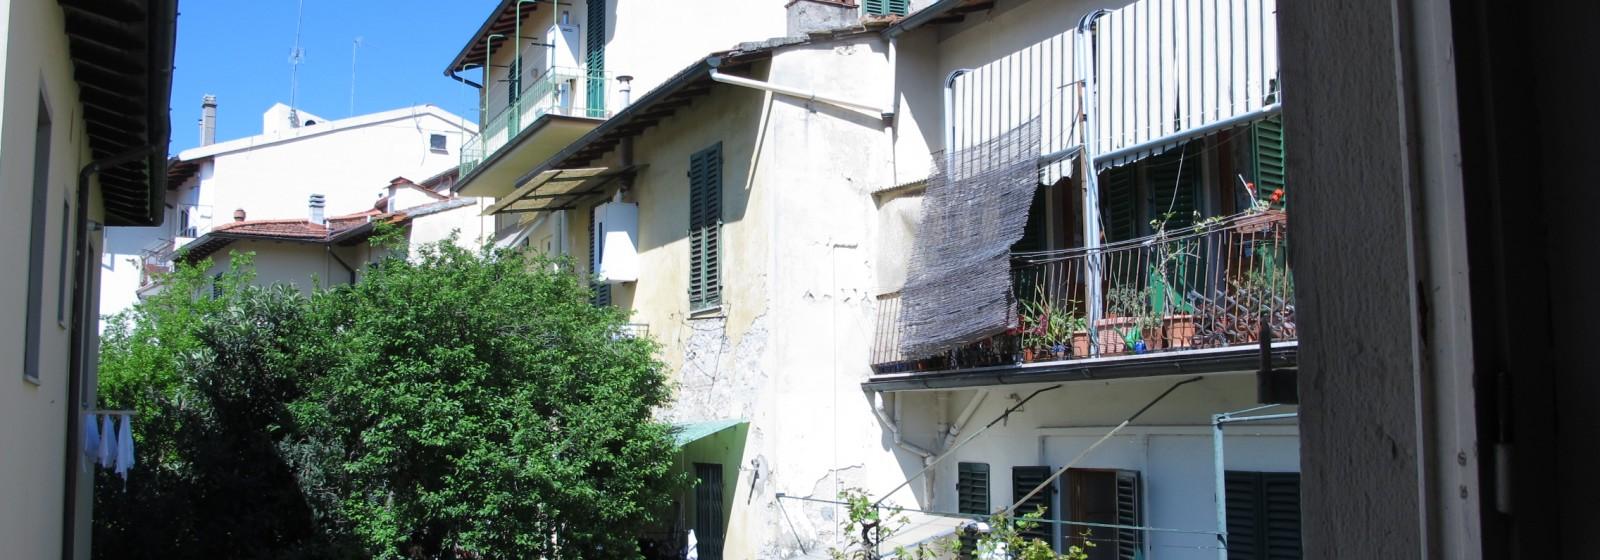 Trilocale in terratetto zona Piazza Alberti